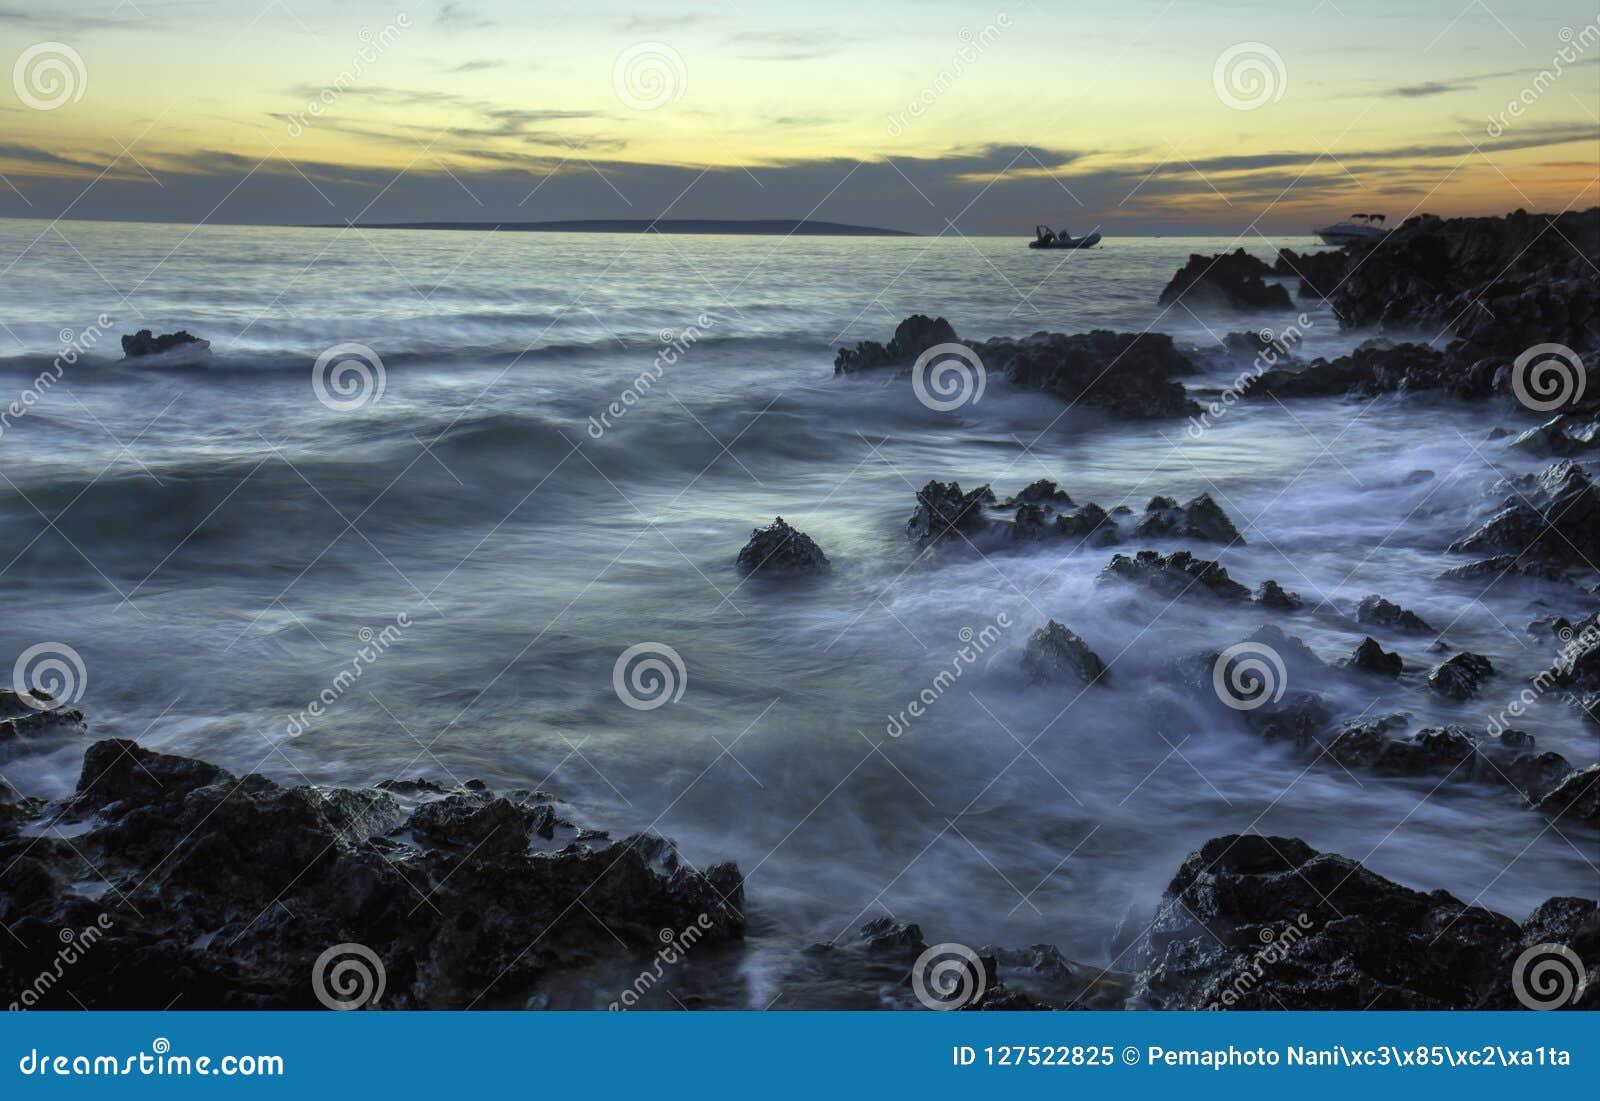 Ακτή ηλιοβασιλέματος με τους βράχους και την επίγεια βιασύνη